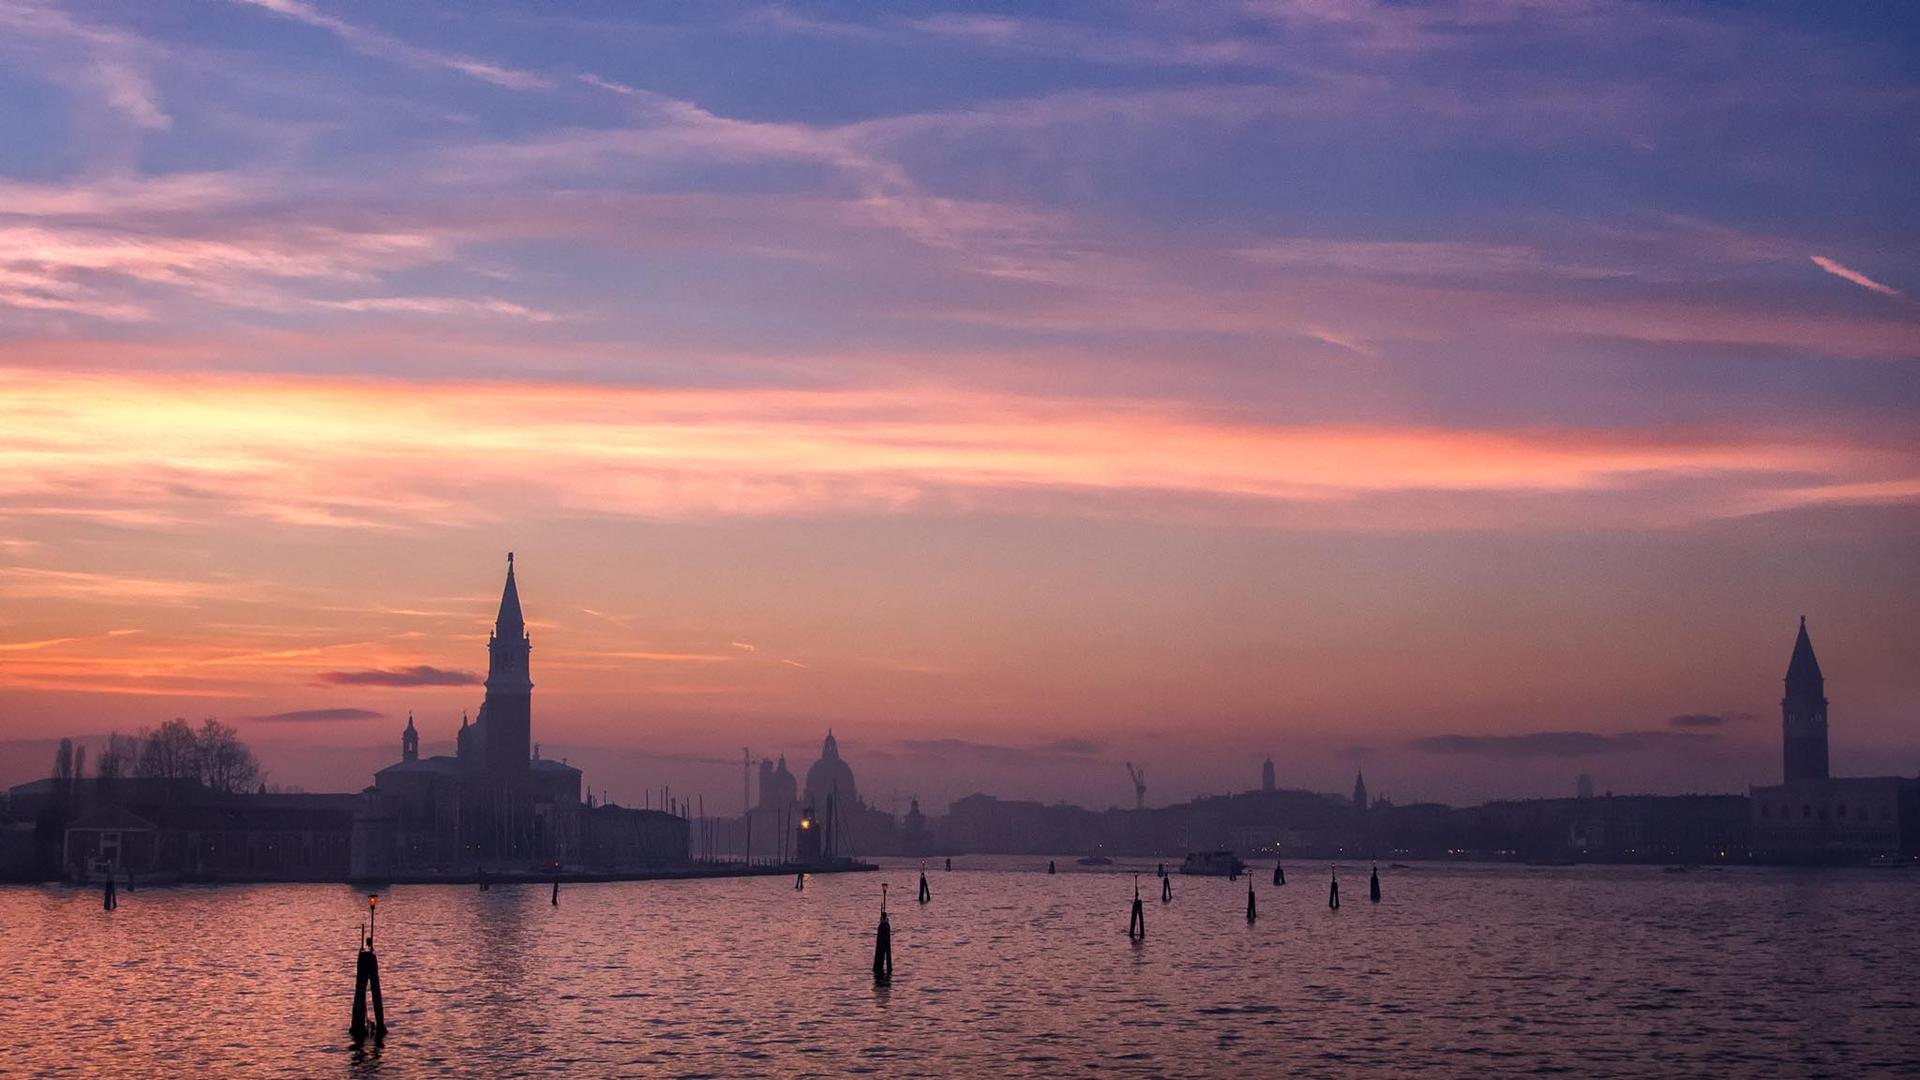 ...per Venezia, di qua...